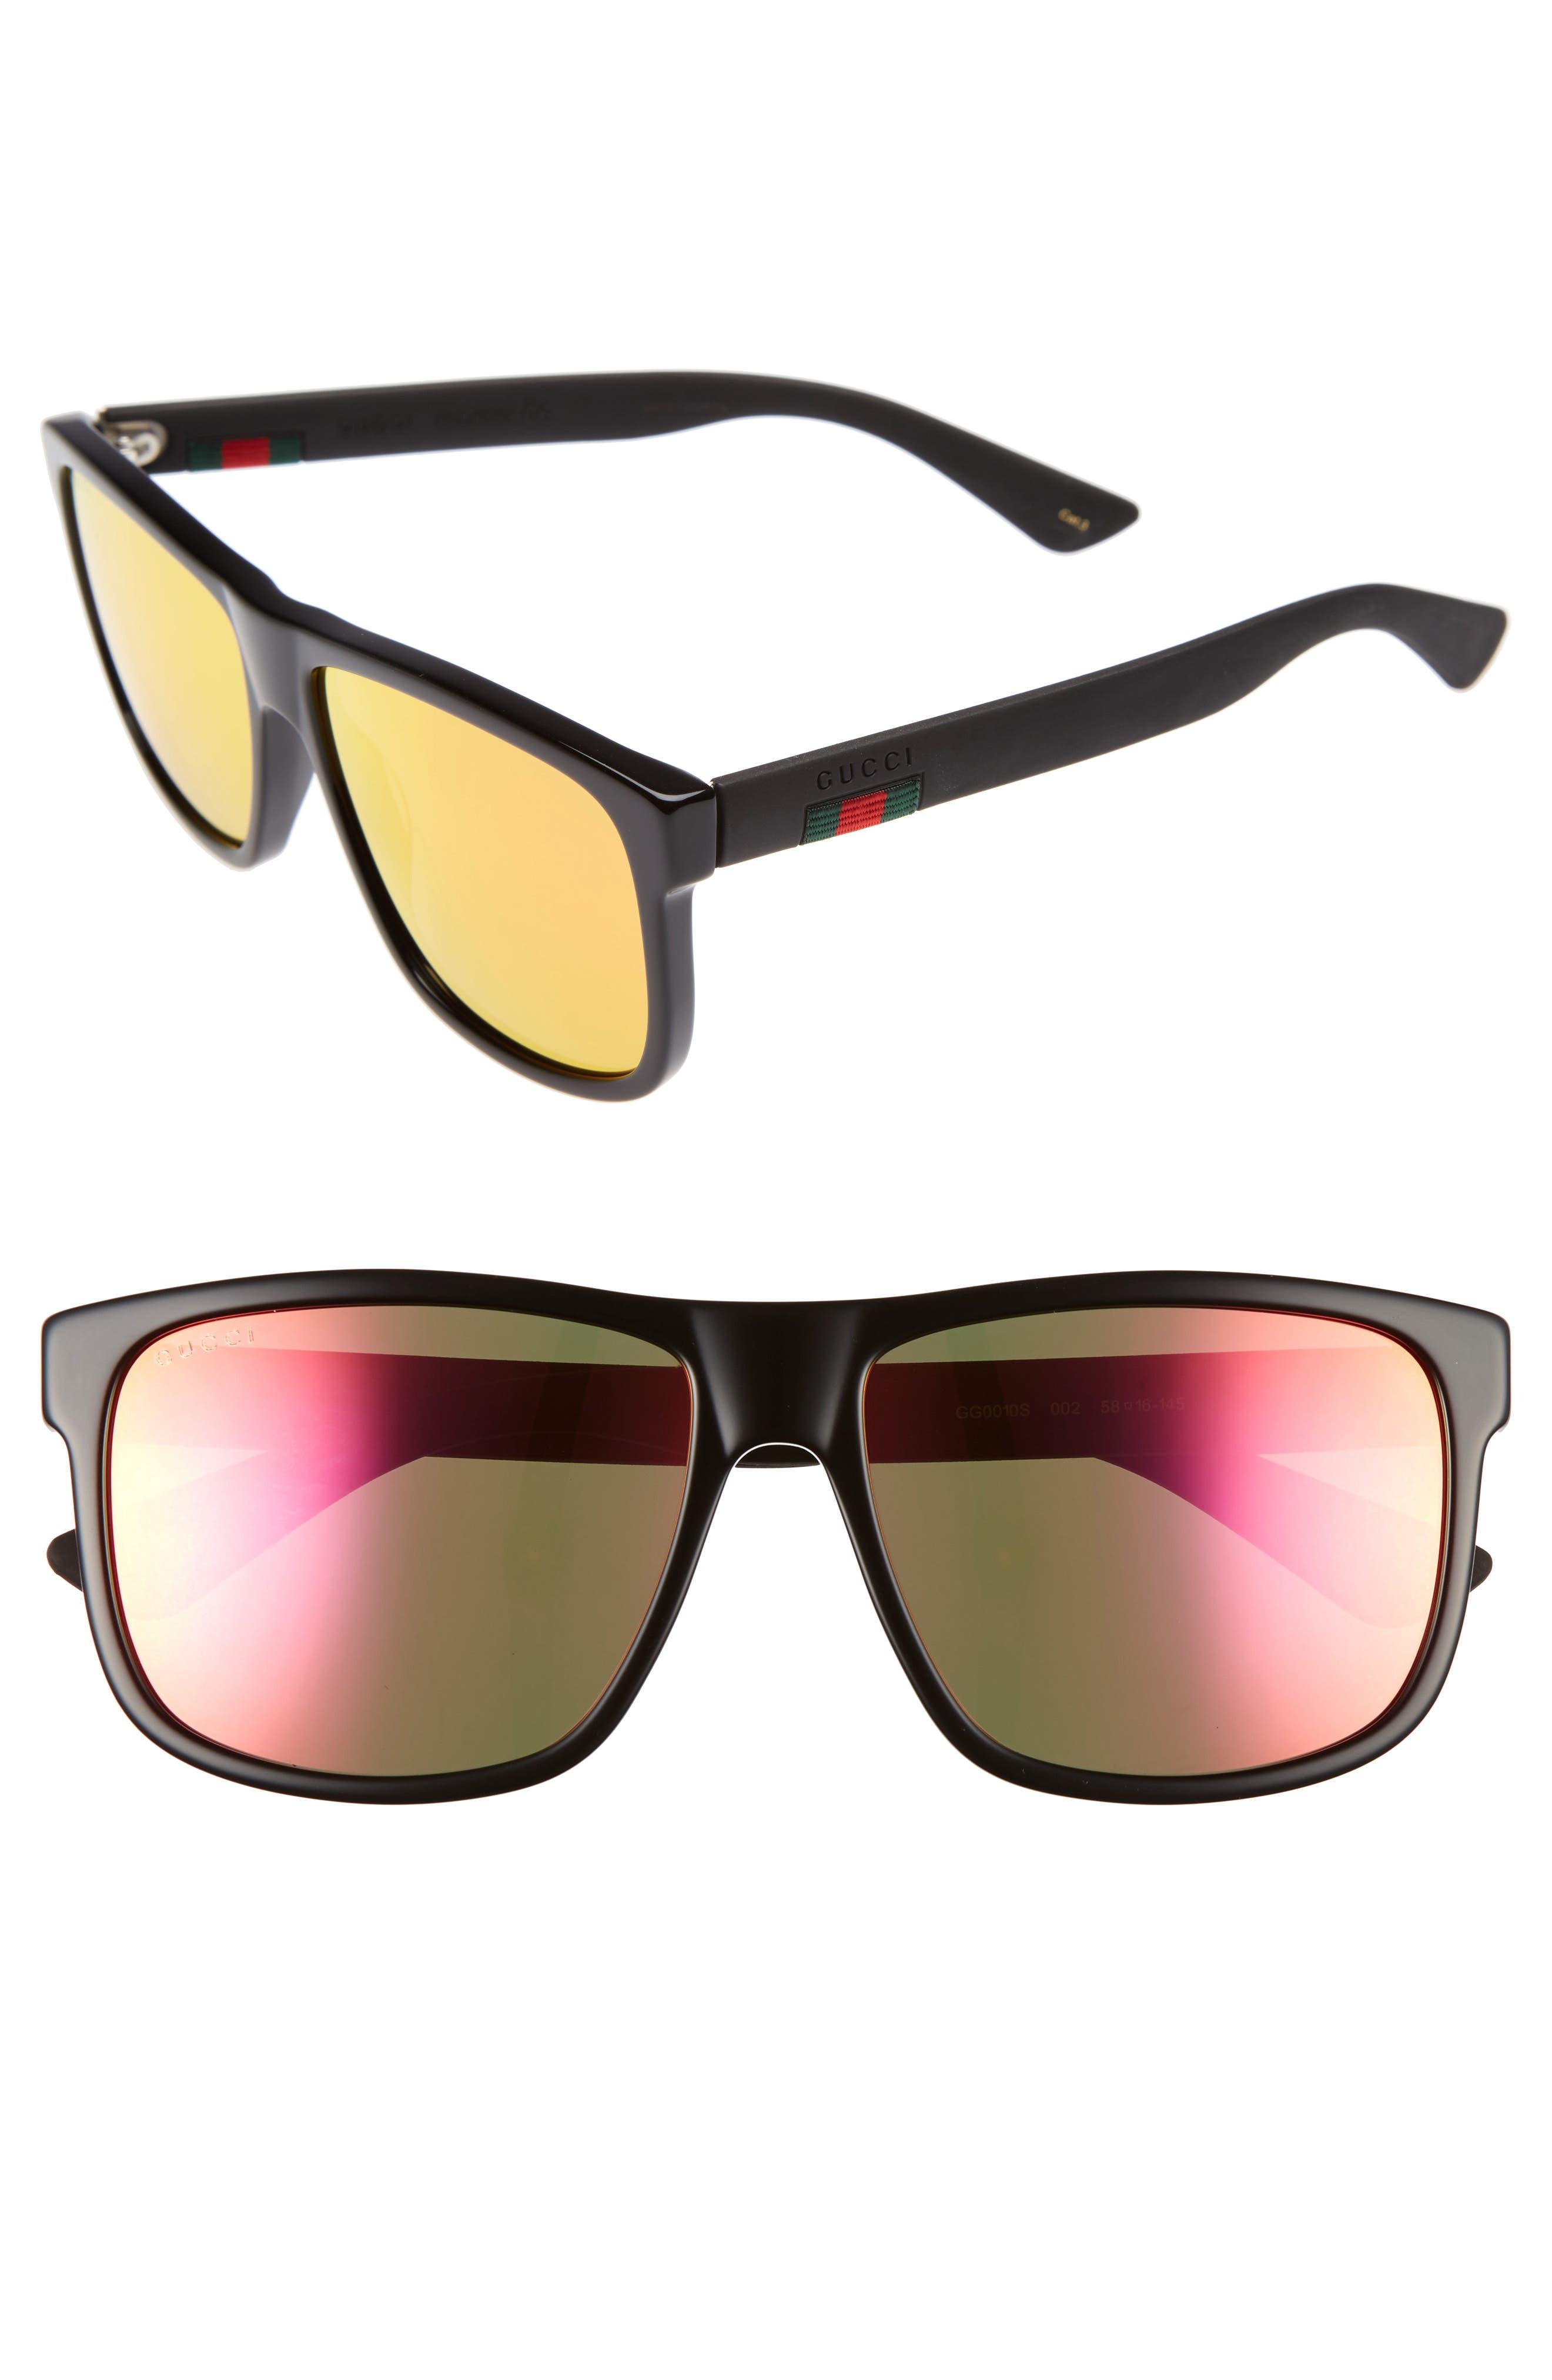 0dbeb900e1 Men s Gucci Designer Sunglasses